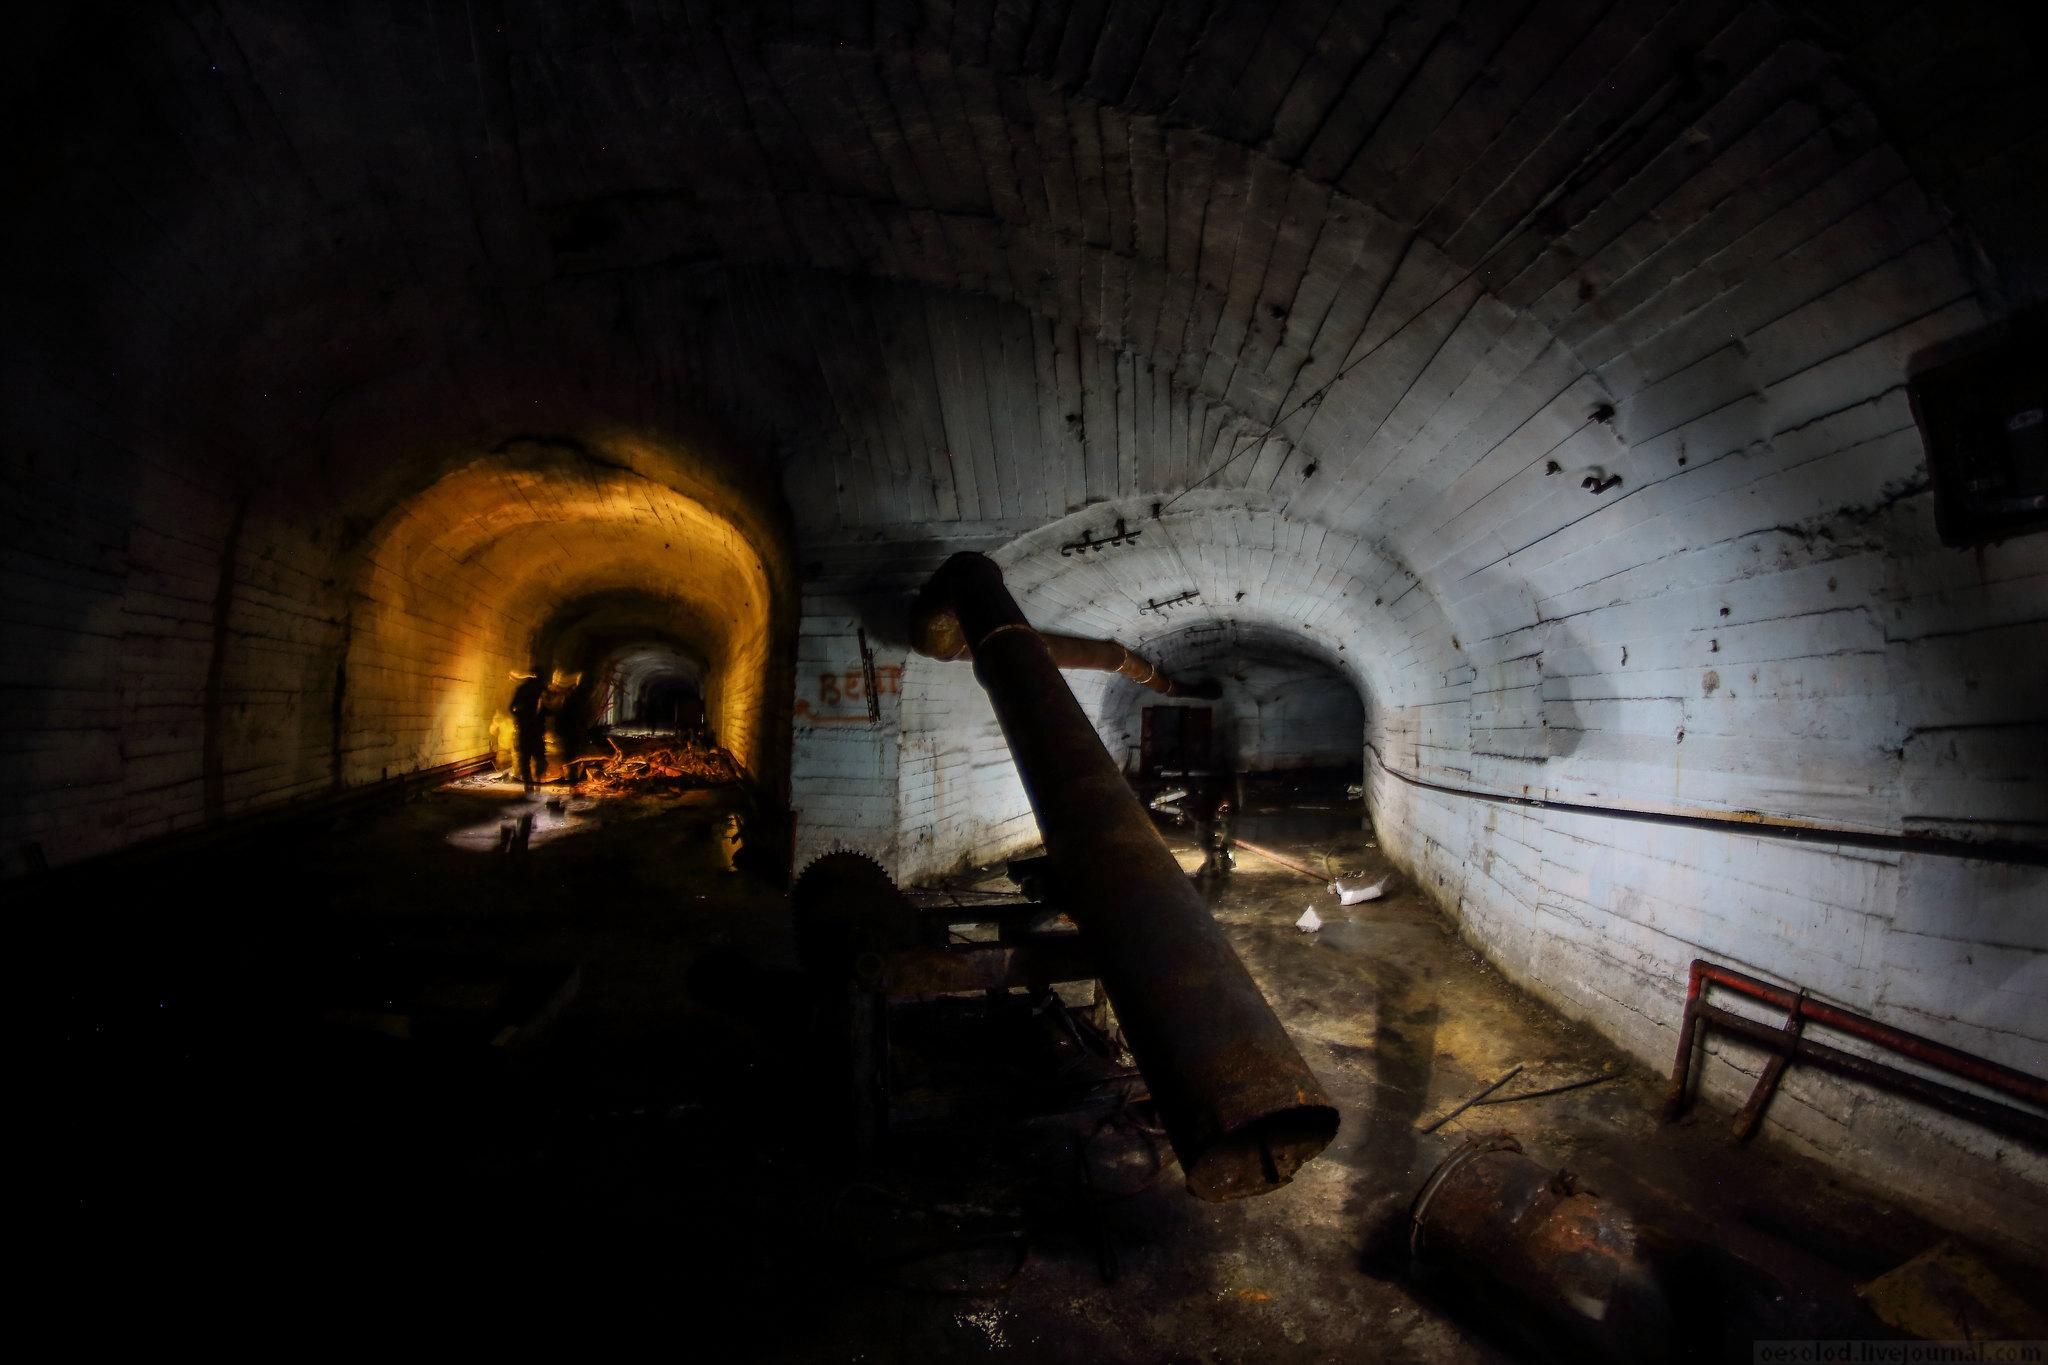 Подземные цеха Уральских гор, огромное убежище в Златоусте.